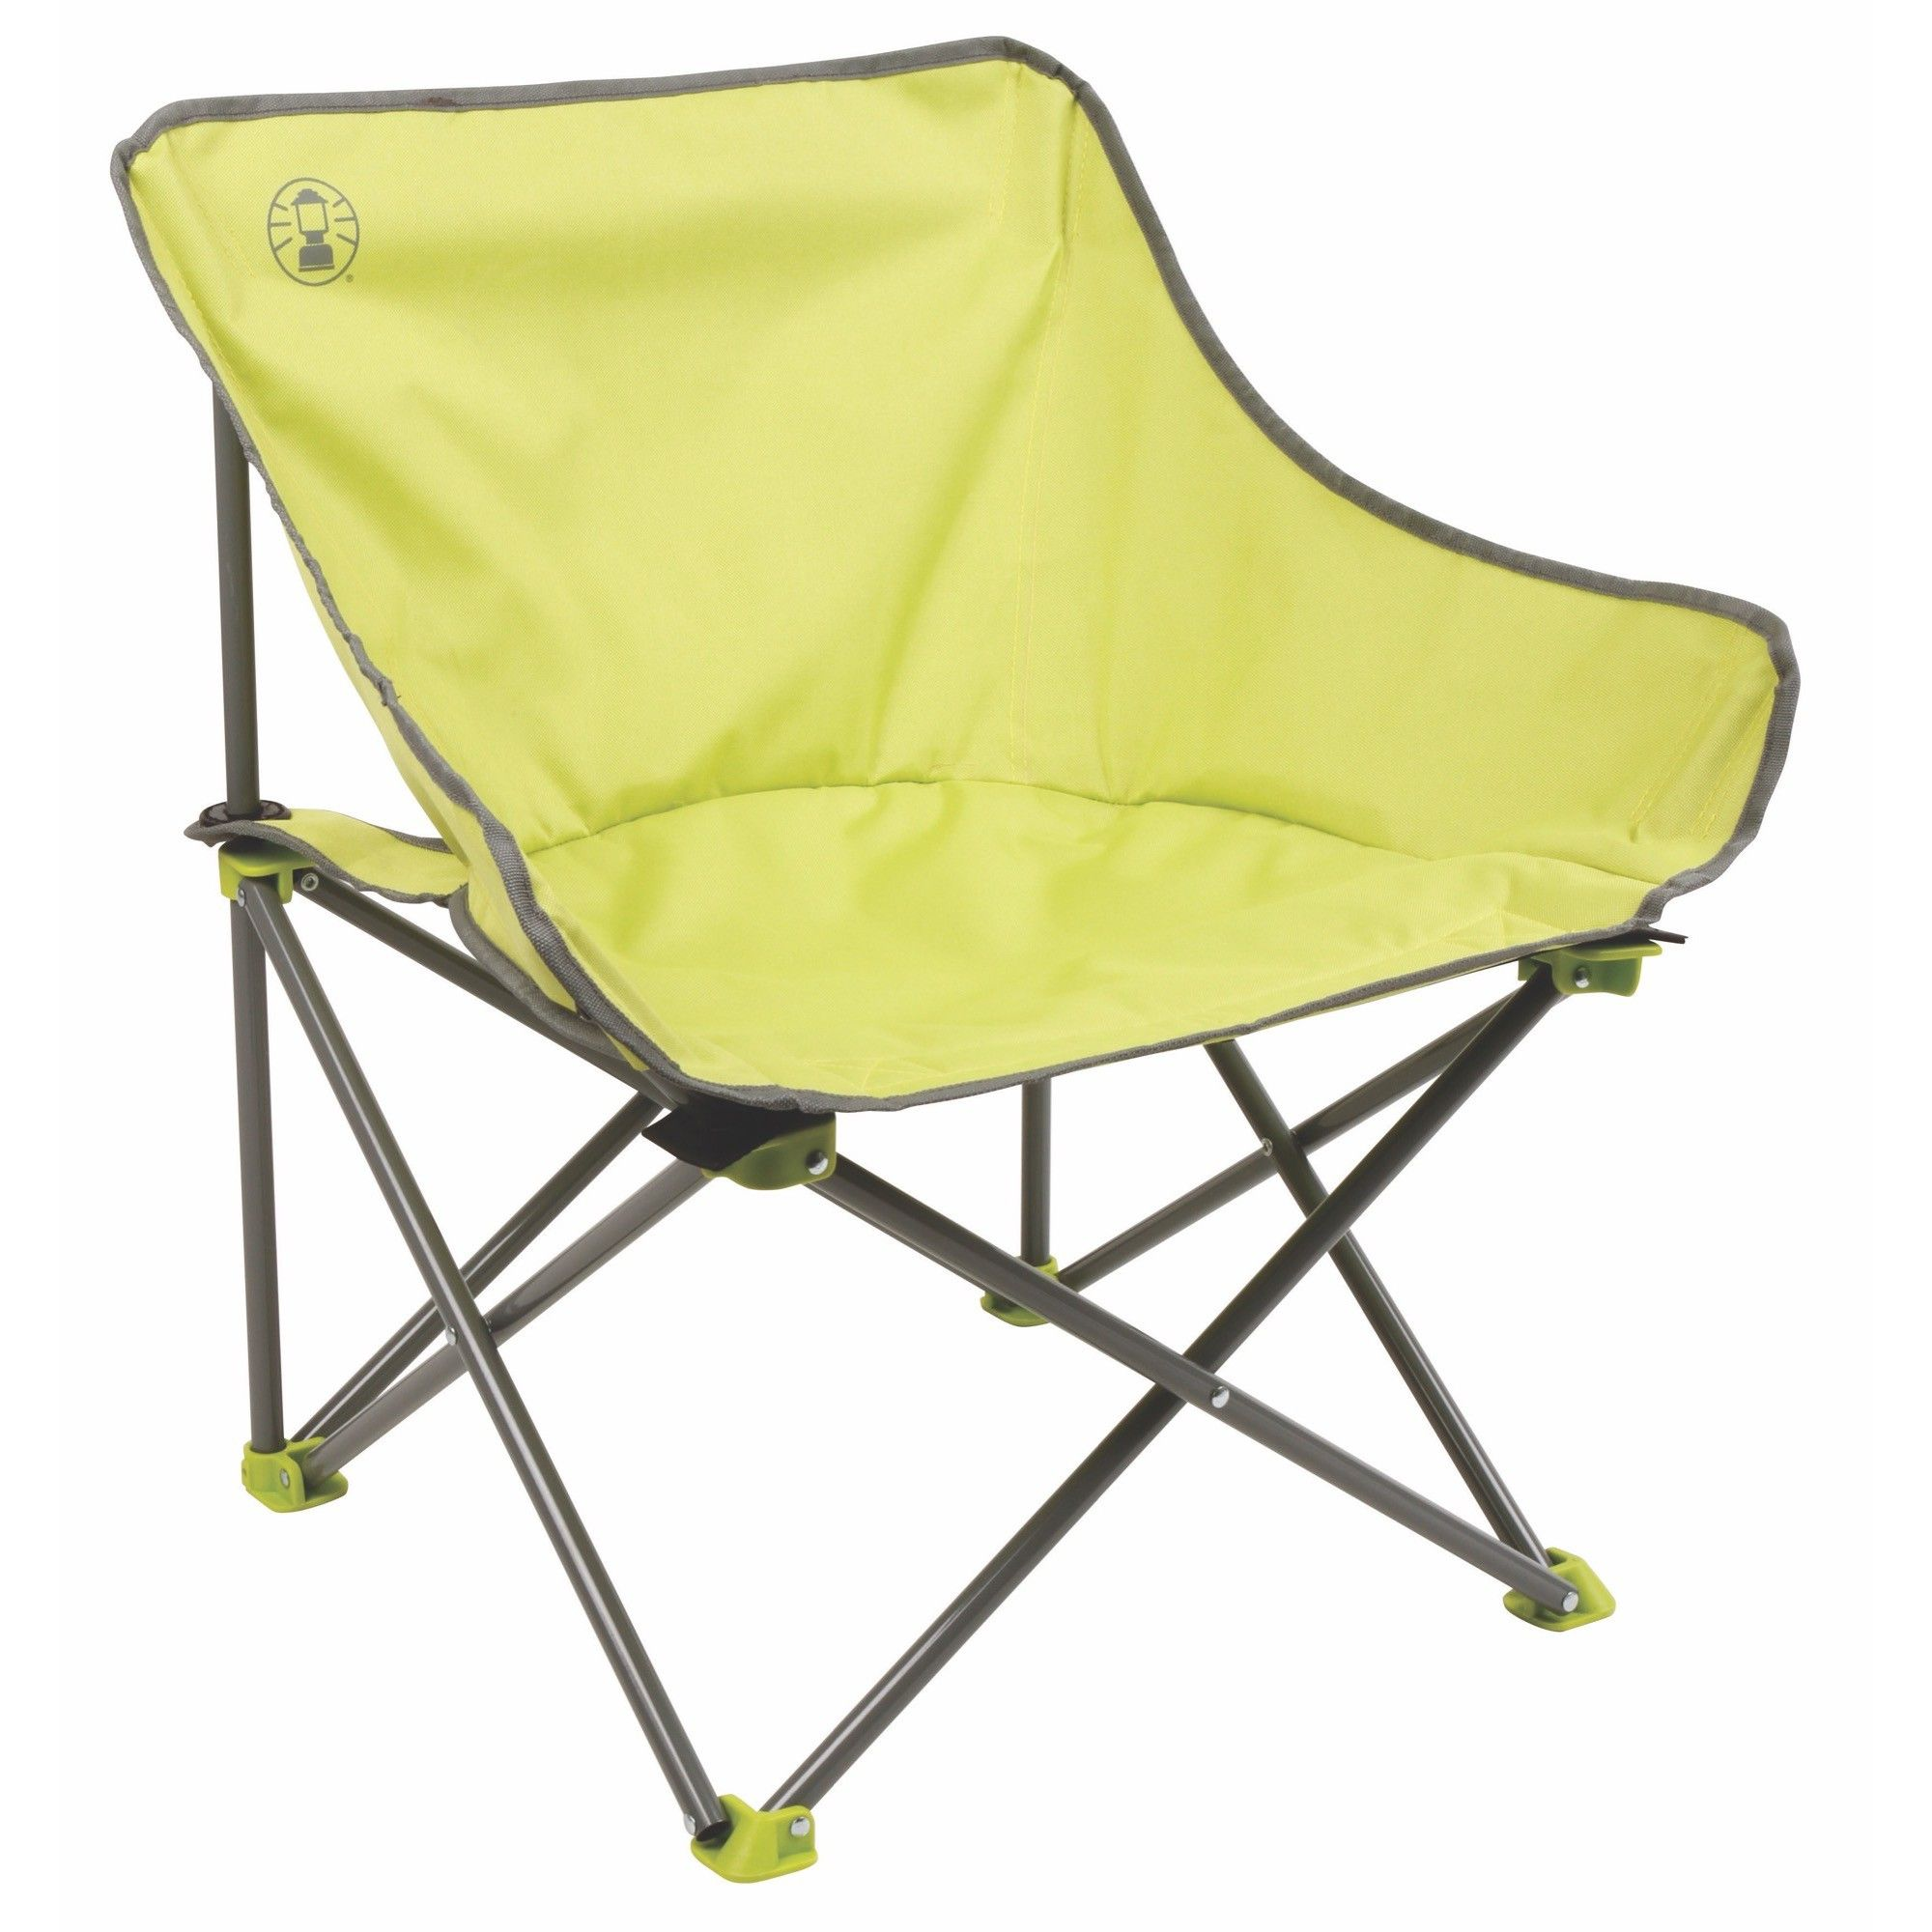 Coleman Kickback Lightweight Folding Chair Green